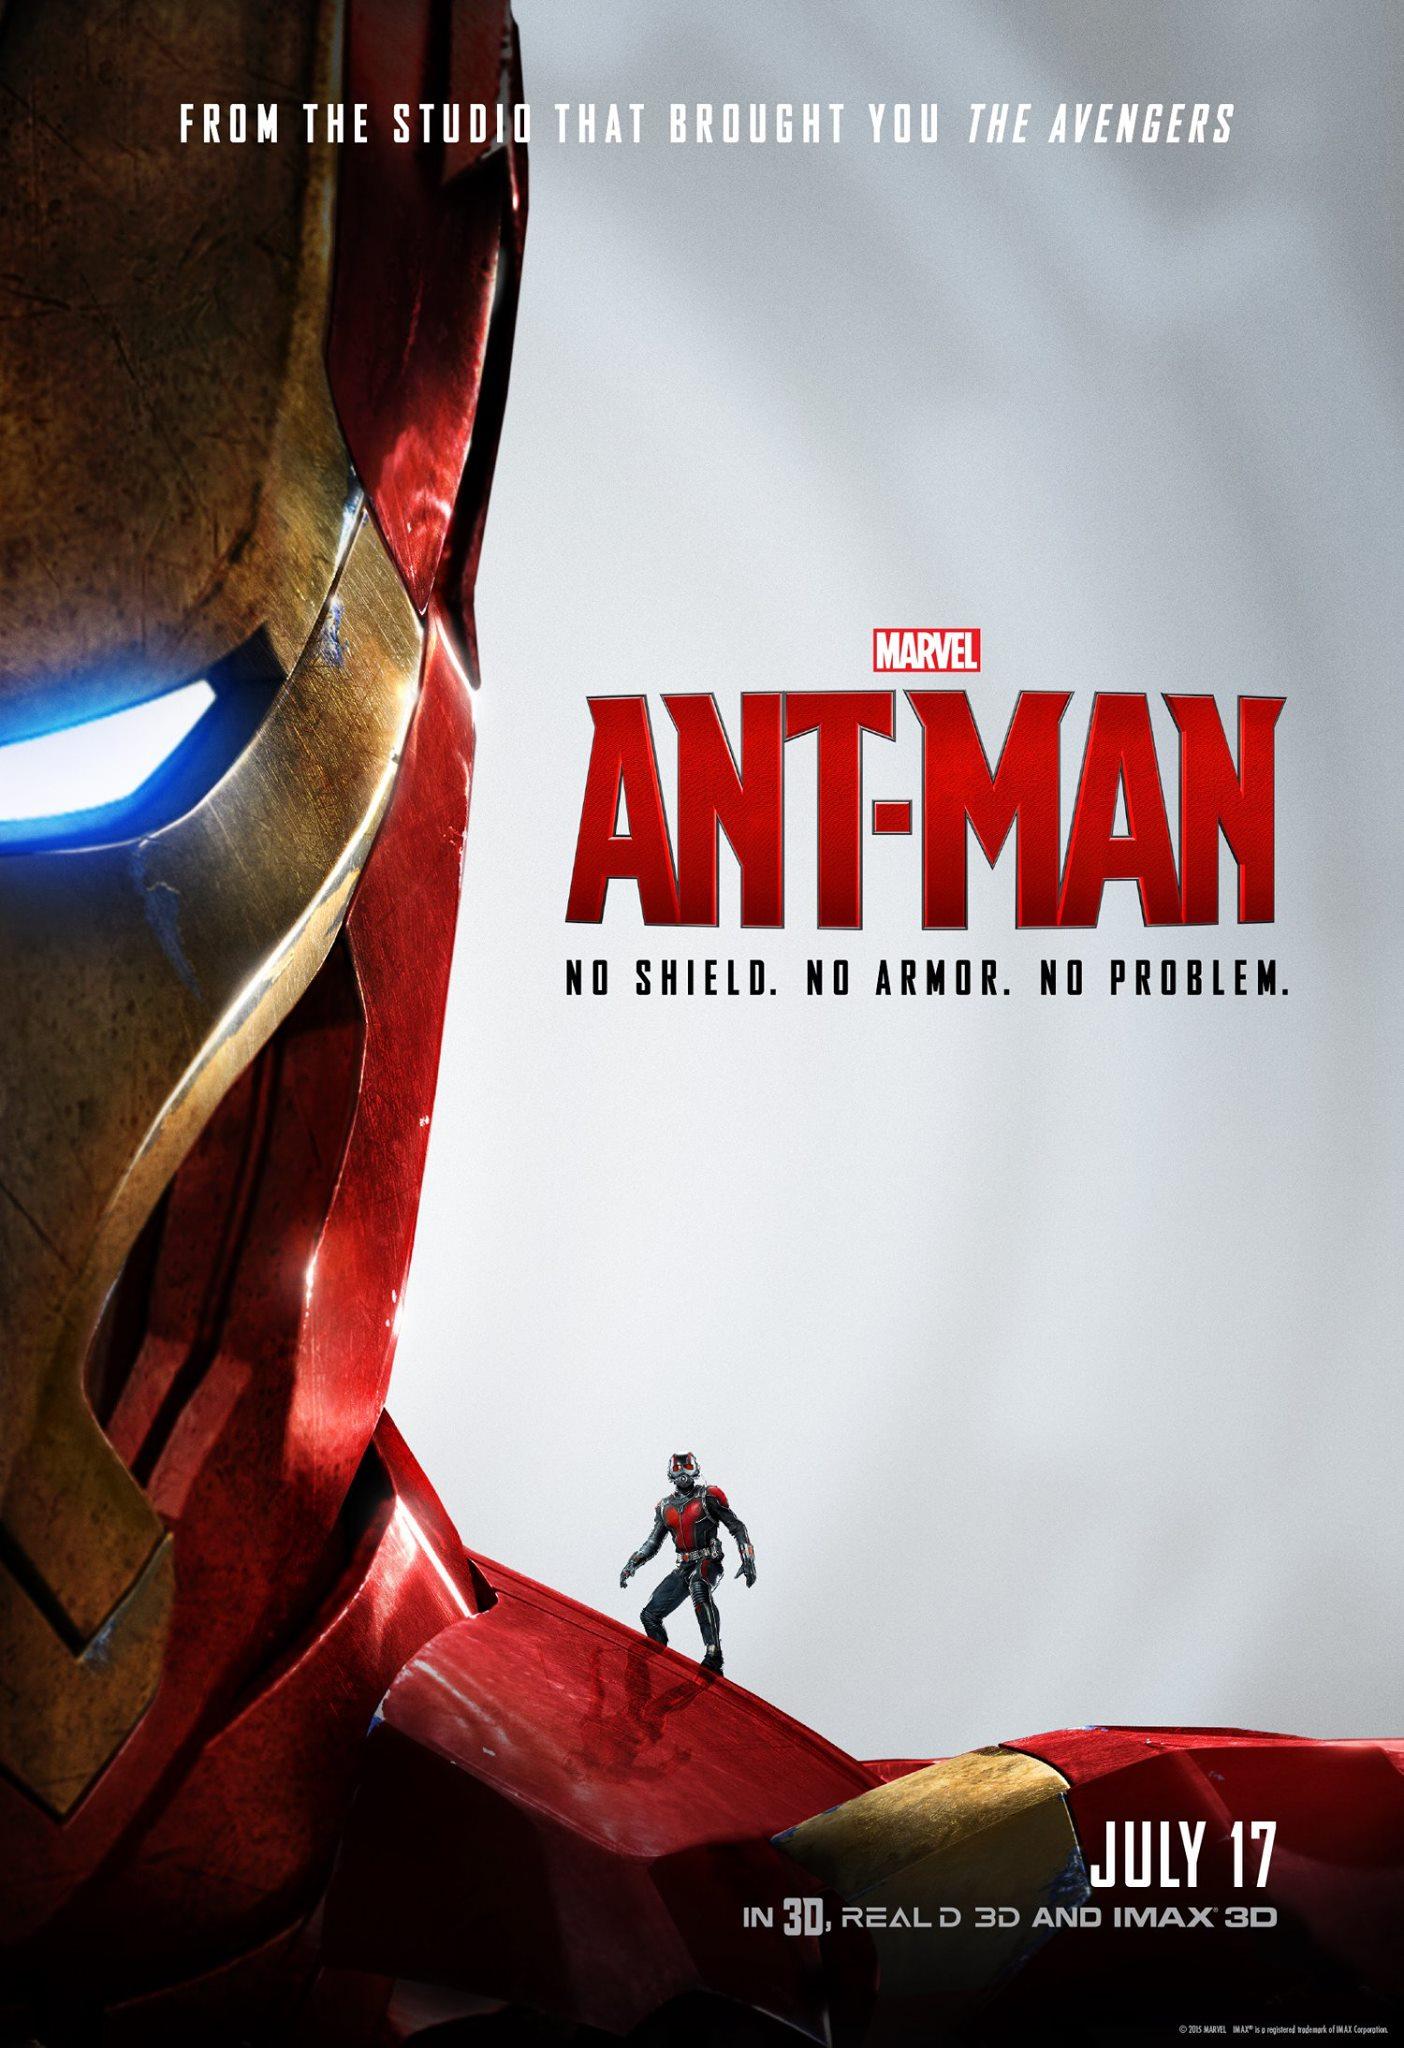 Ant-Man Iron Man poster